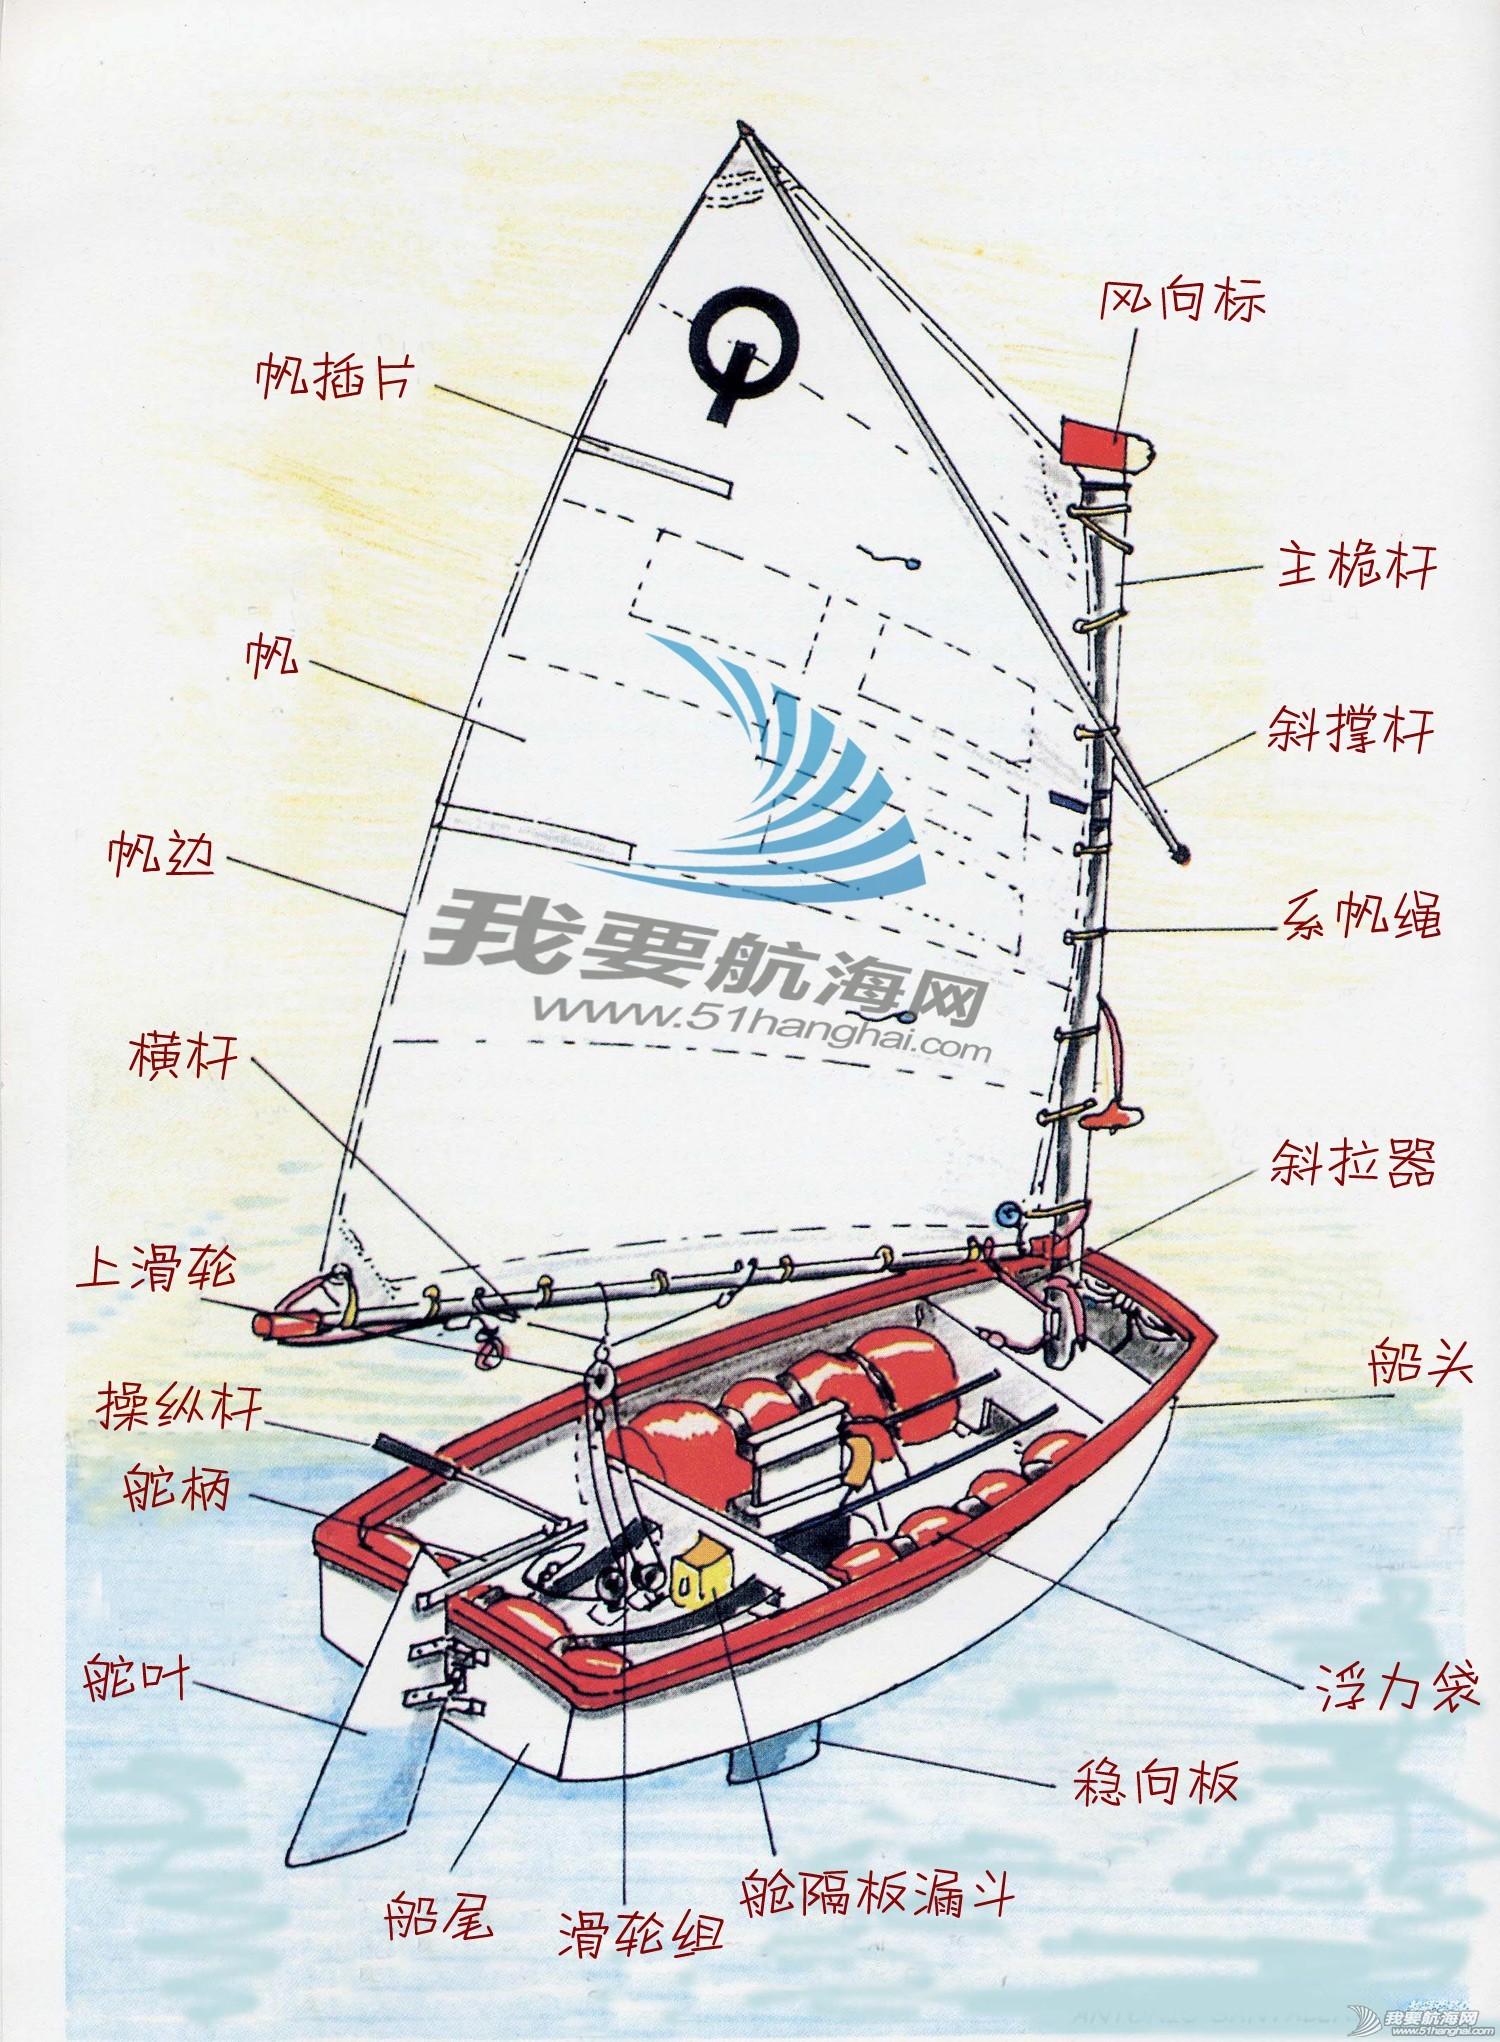 学前班,帆船,知识 学前班:认识帆船各部件名称和用途(一阶学员培训前应掌握知识) 013320f035o33c09c67388.jpg